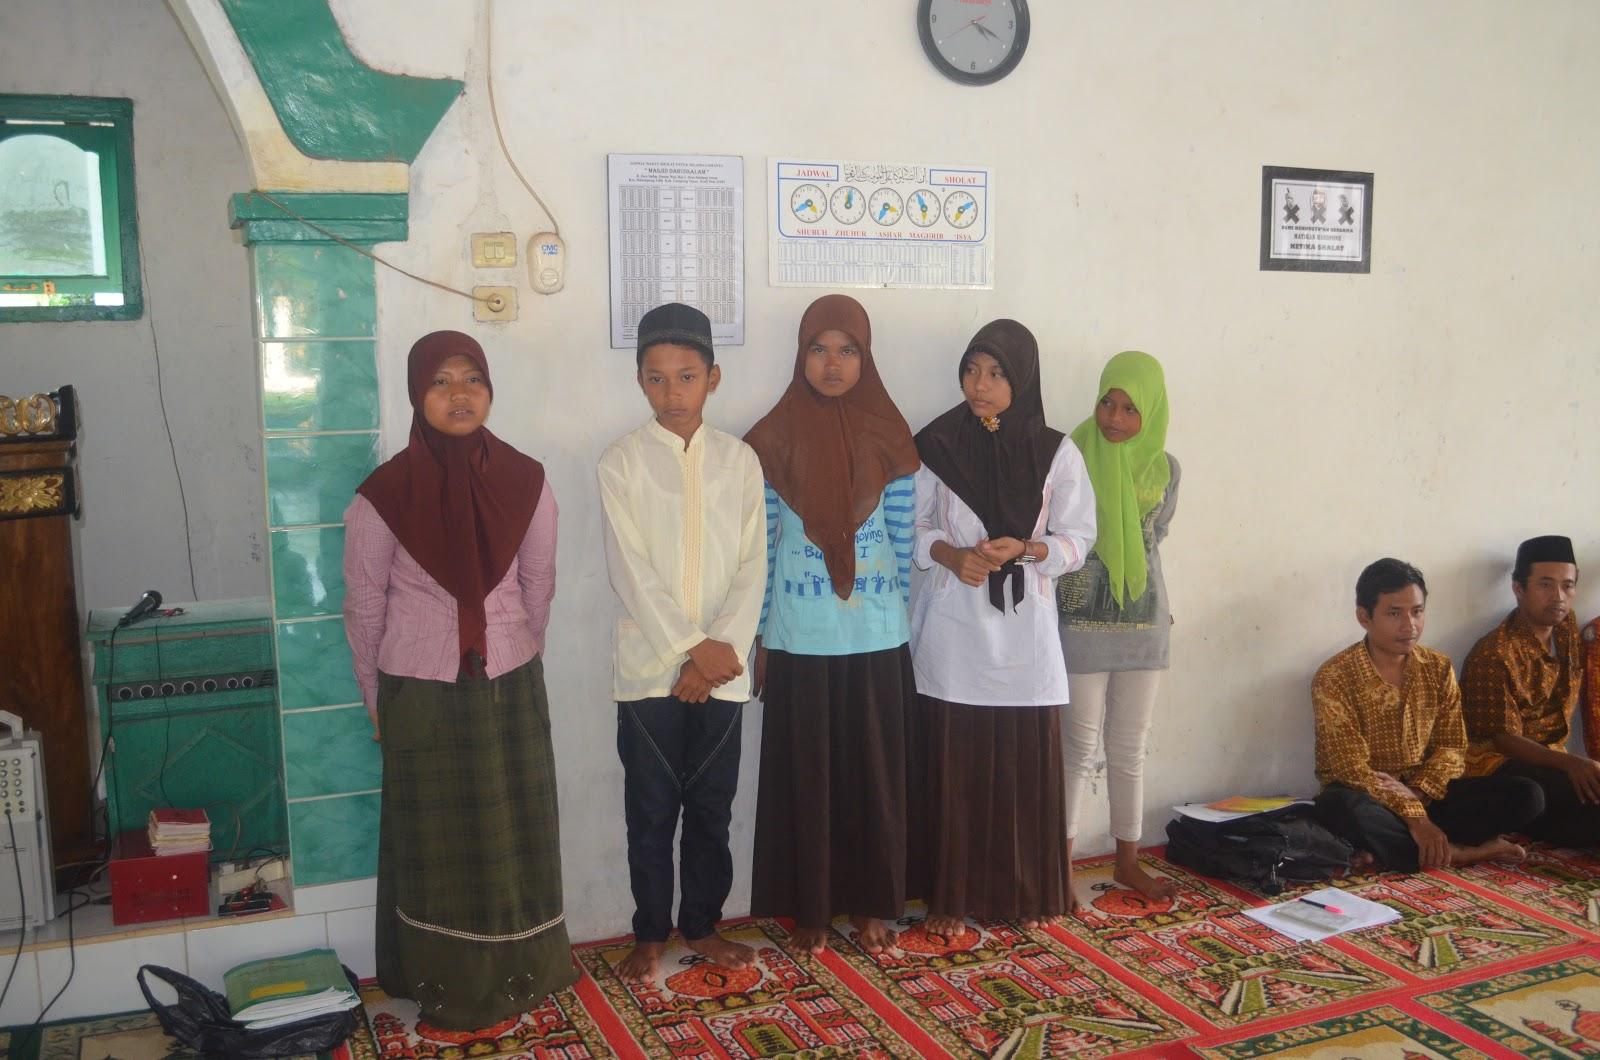 Sertifikasi Depag Tahun 2013 Portal Kementerian Agama Republik Indonesia Mts Maarif Fatahillah Sindang Anom Photo Pemberian Penghargaan Bagi